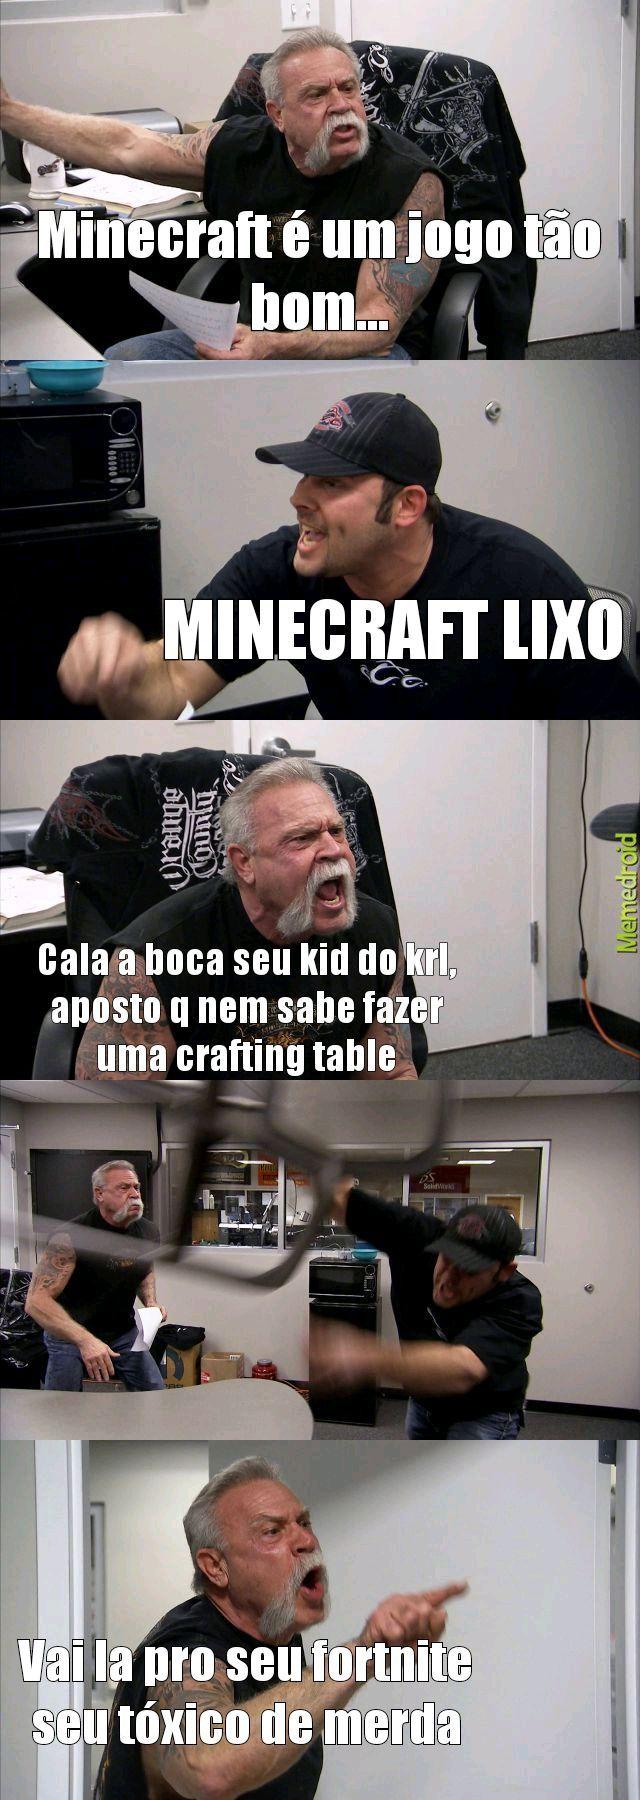 Da vontade de matar uma porra dessas - meme